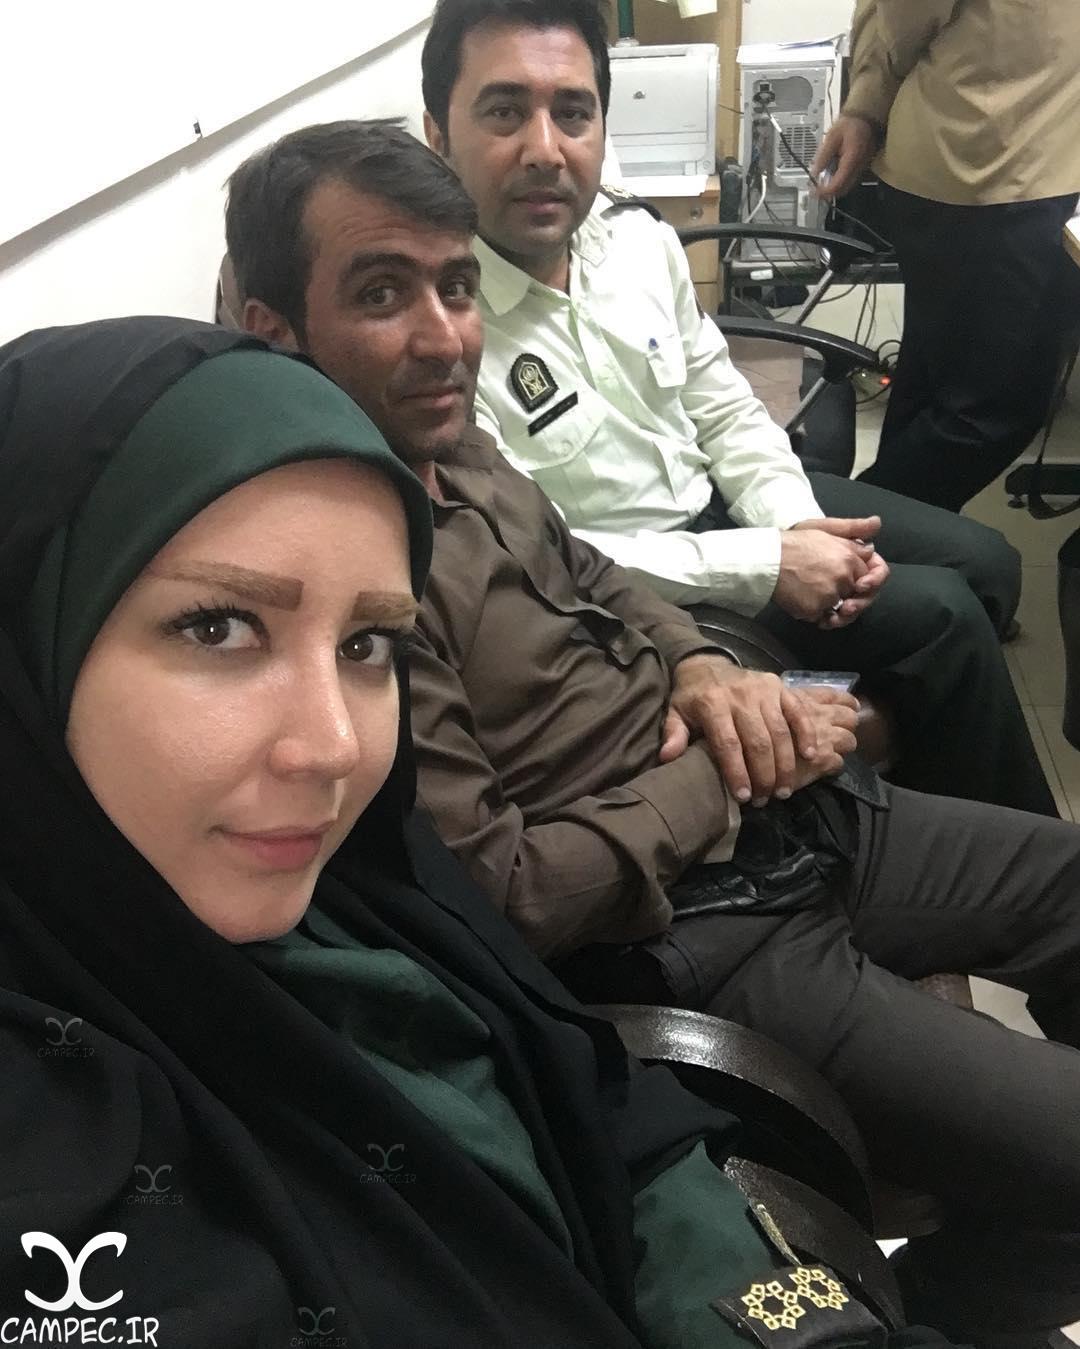 شیما شهامتی بازیگر